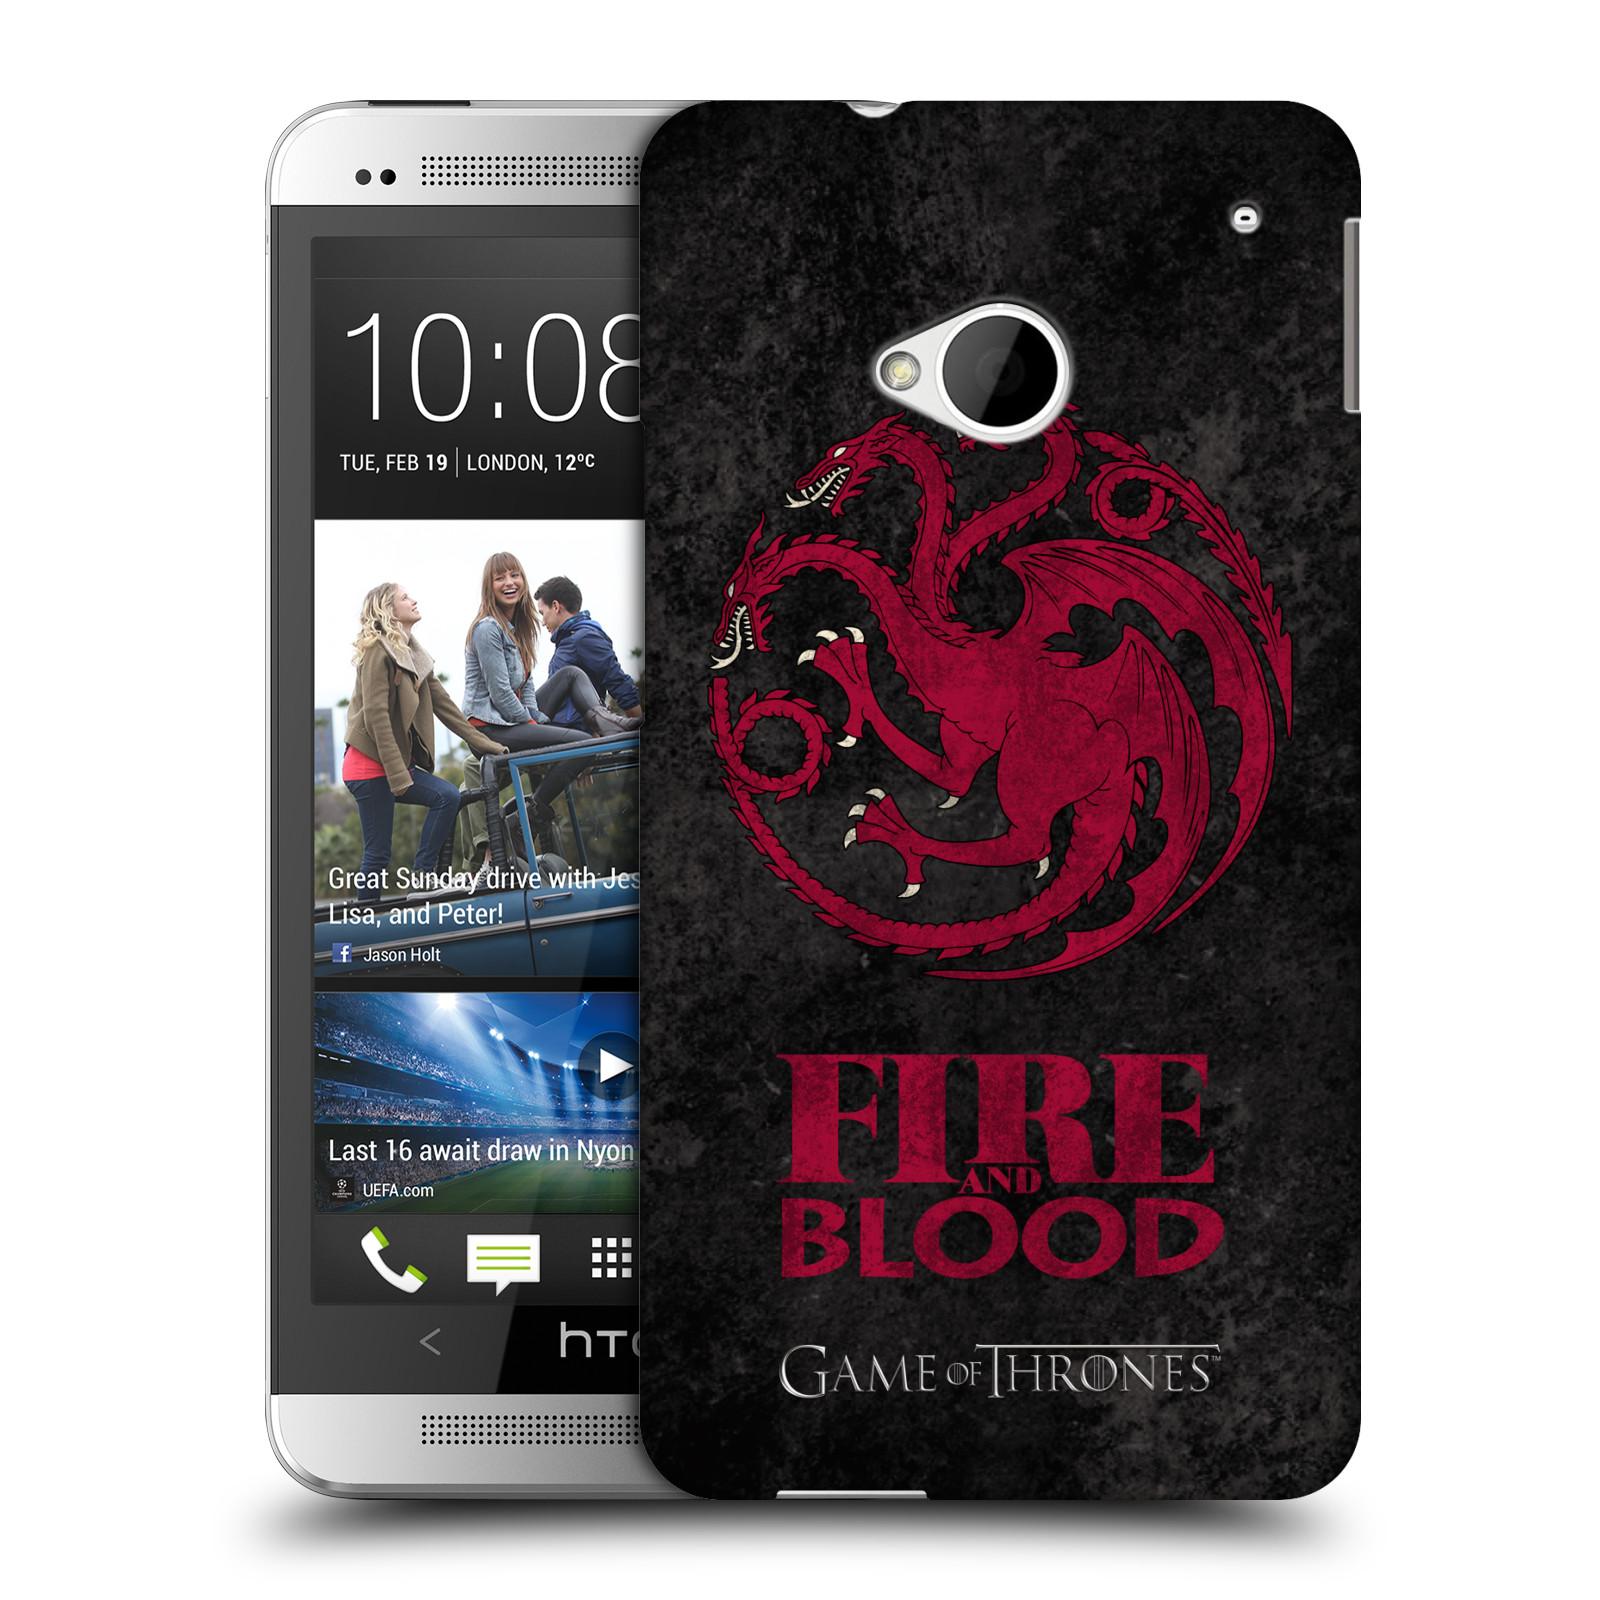 Plastové pouzdro na mobil HTC ONE M7 HEAD CASE Hra o trůny - Sigils Targaryen - Fire and Blood (Plastový kryt či obal na mobilní telefon s licencovaným motivem Hra o trůny - Game Of Thrones pro HTC ONE M7)